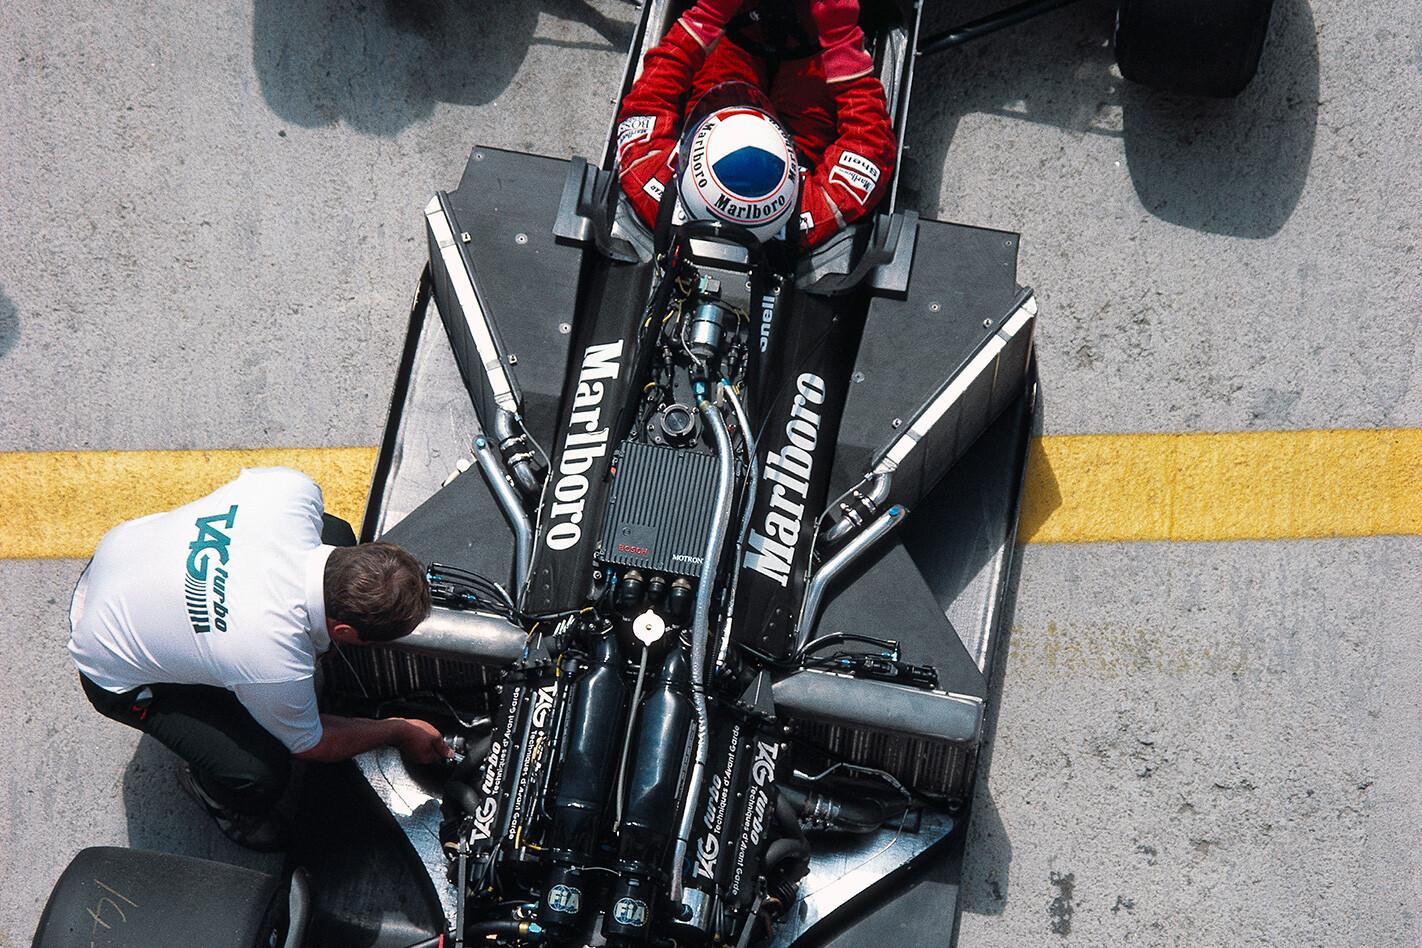 F1 car engine